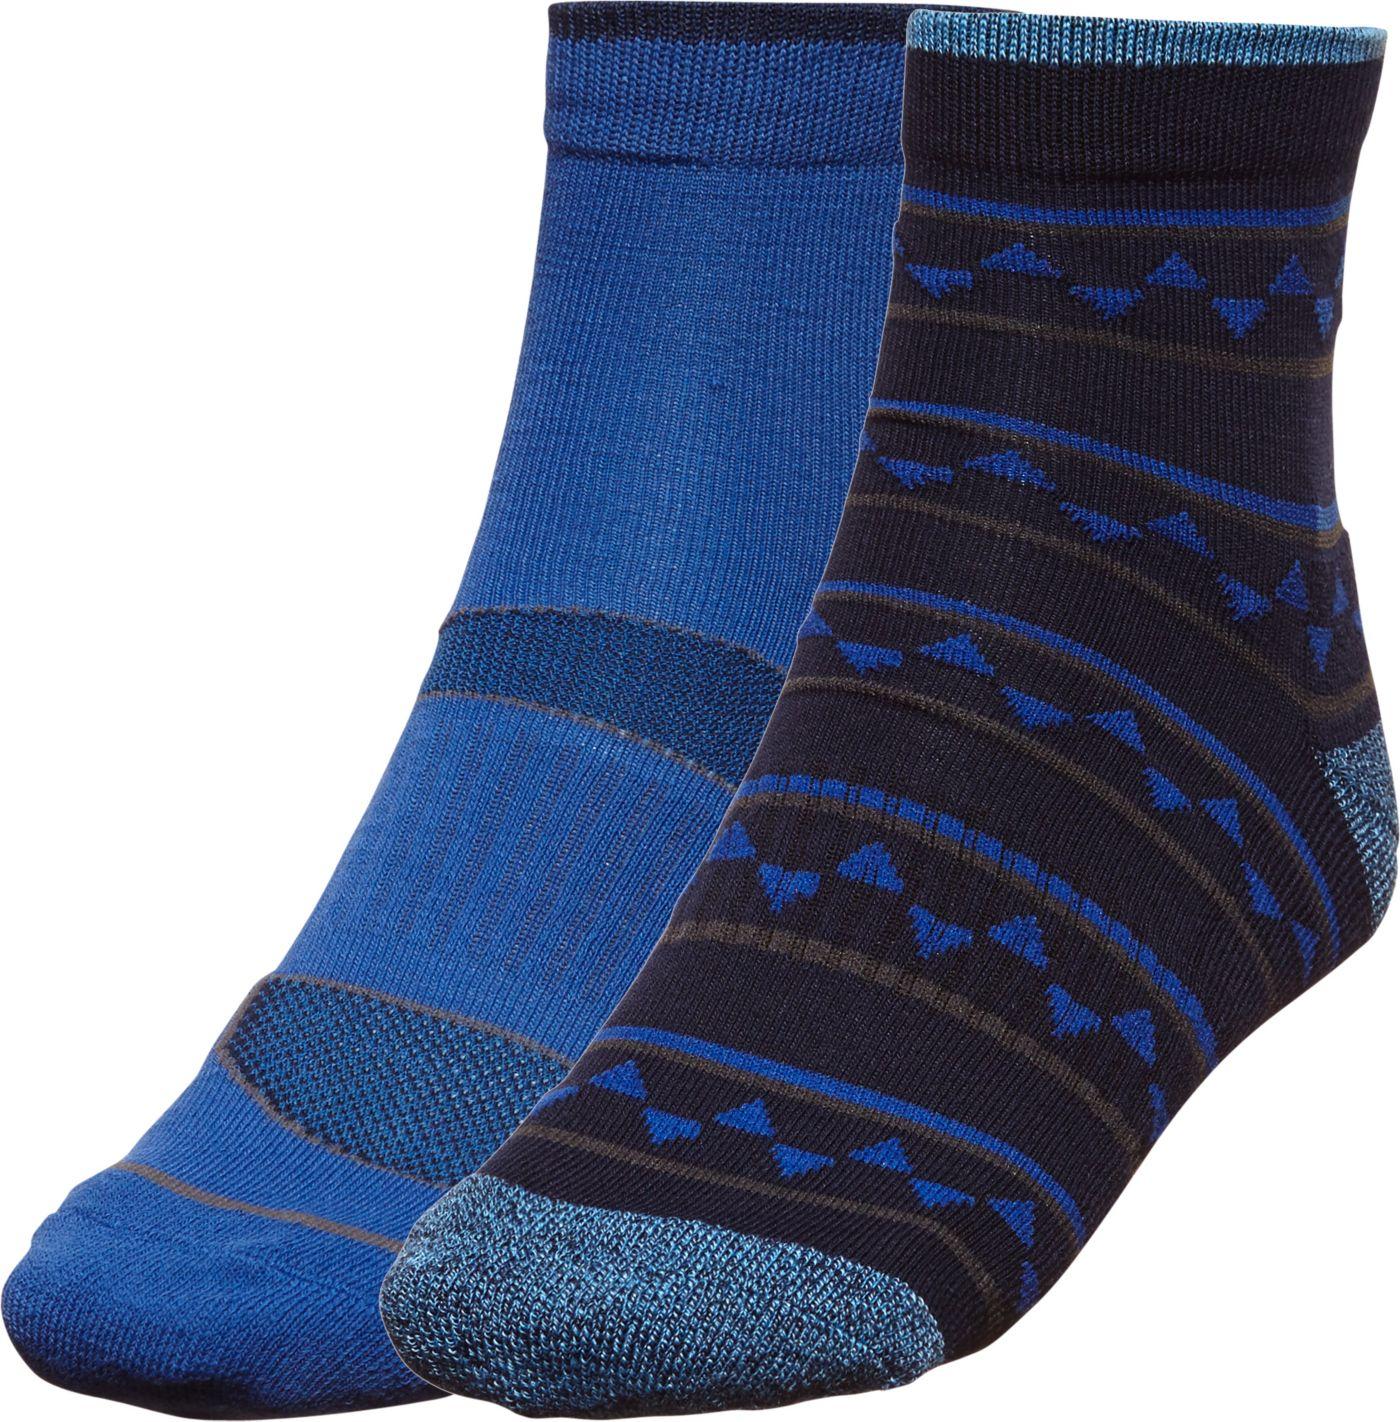 Alpine Design Men's Explorer Quarter Socks – 2 Pack